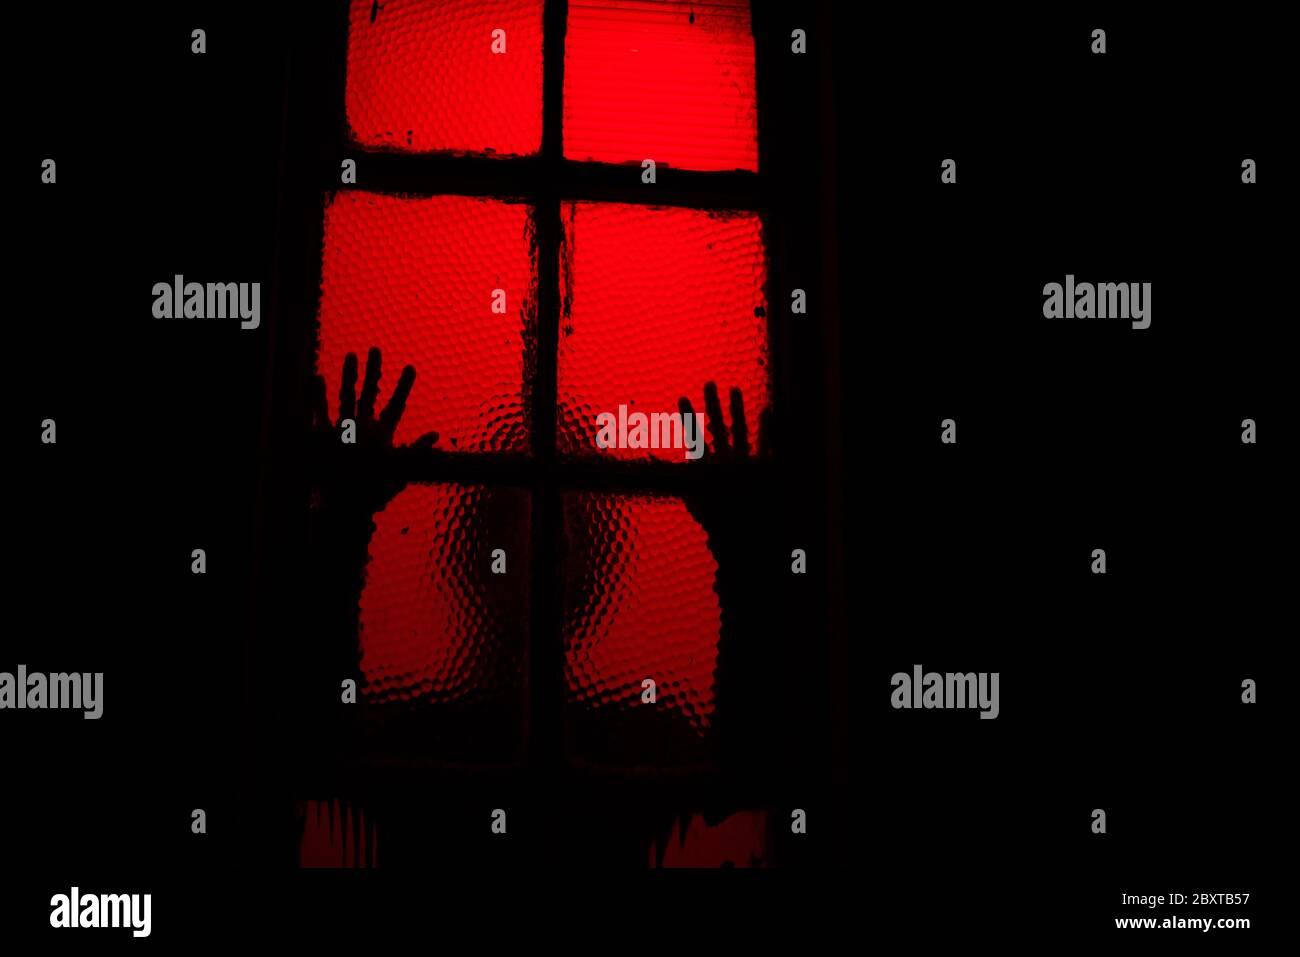 Una sihouette de miedo de la persona que se inclina contra la ventana en la oscuridad Foto de stock